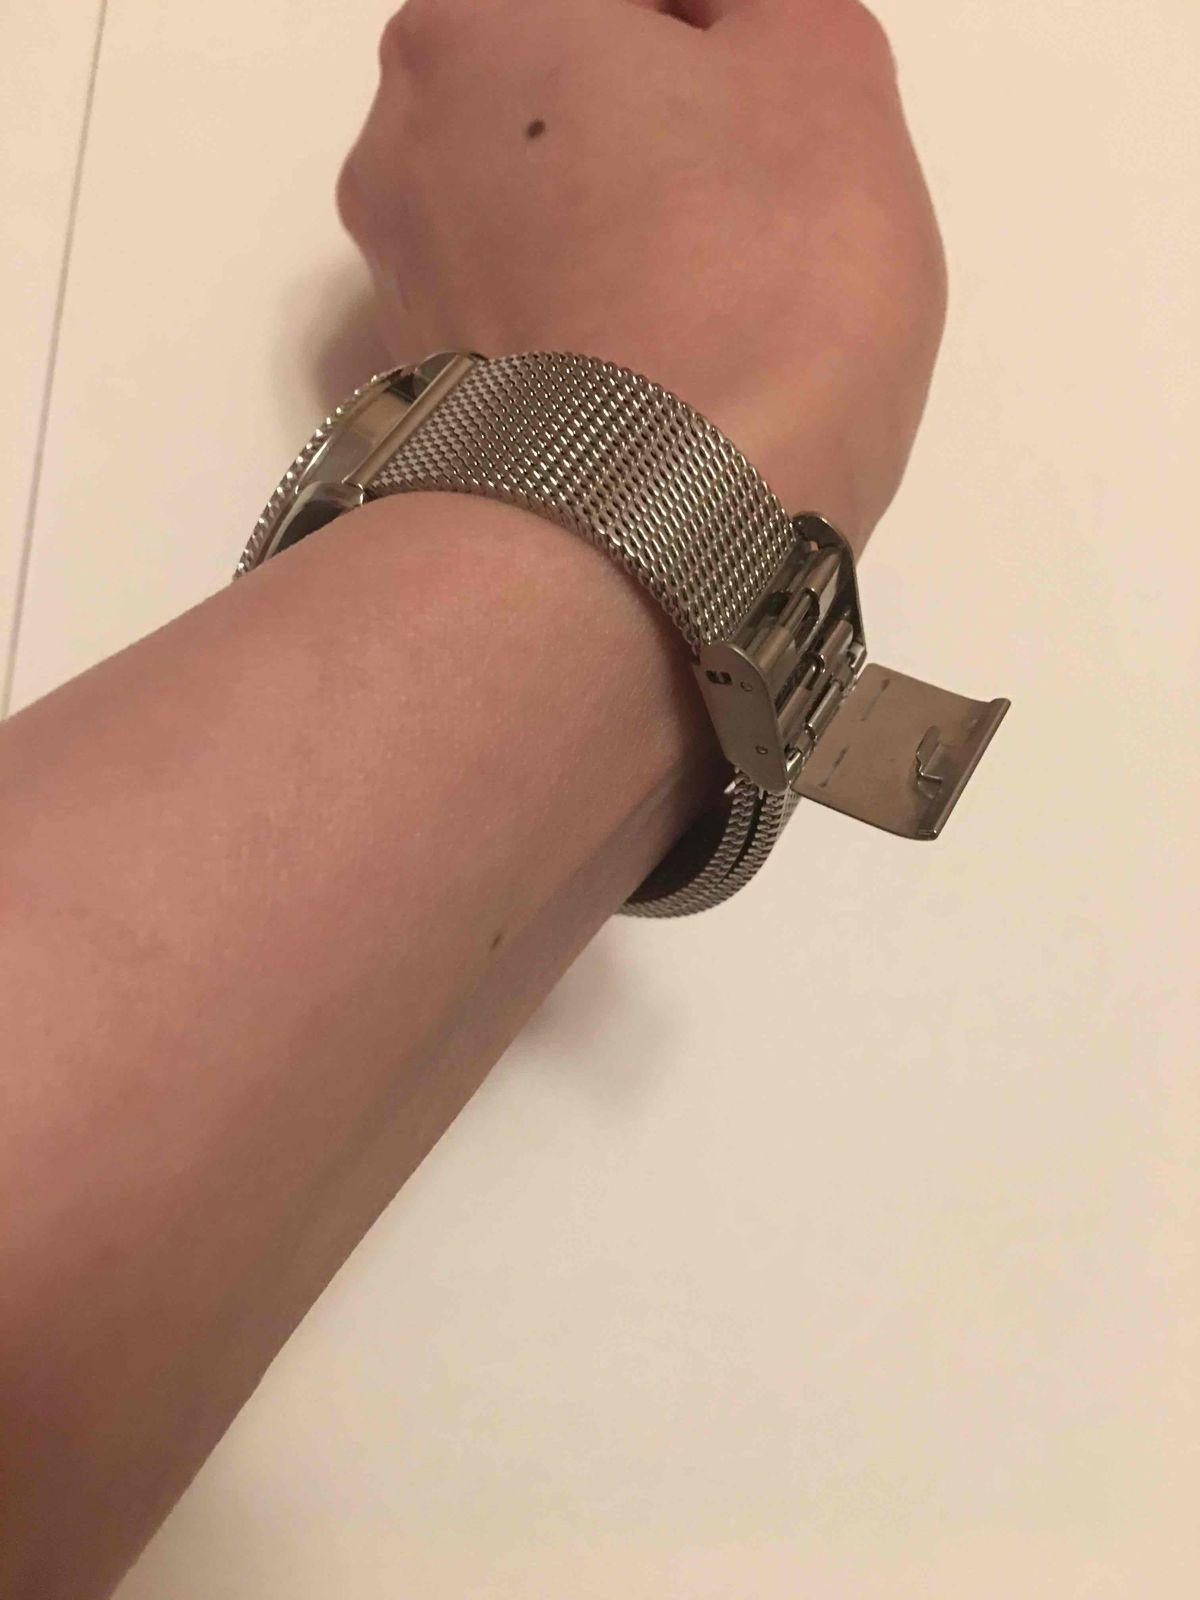 Часы не удобные, не рекомендую никому(брак)